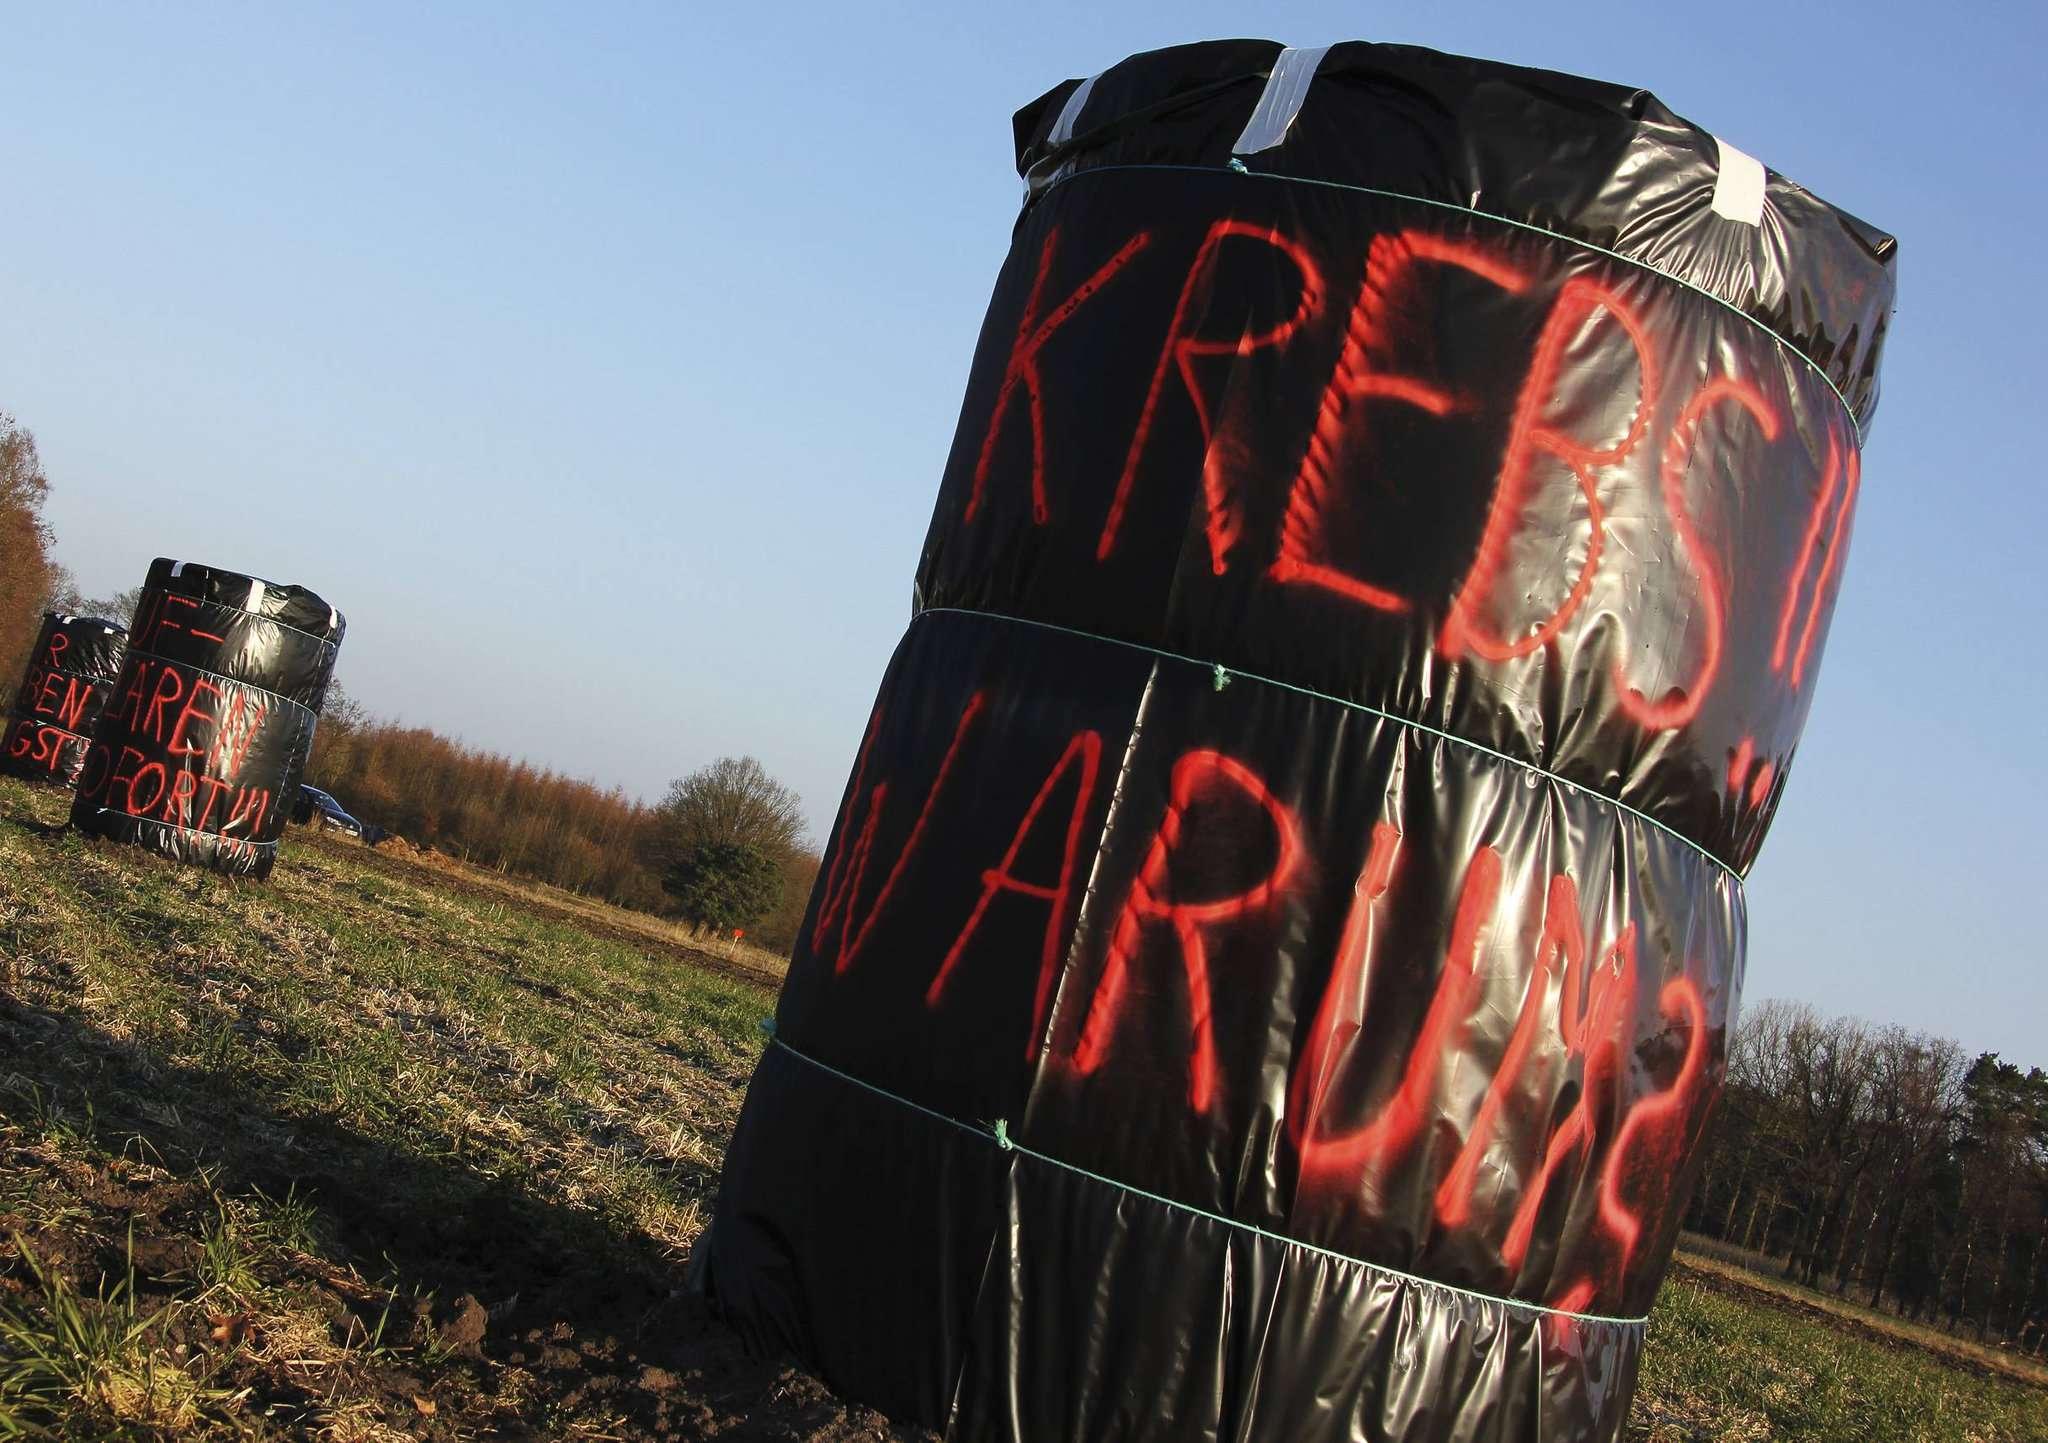 Protestaktion vor dem Exxon-Betriebsplatz in Bellen: Die Rotenburger Ärzte fordern ein Fracking Moratorium.